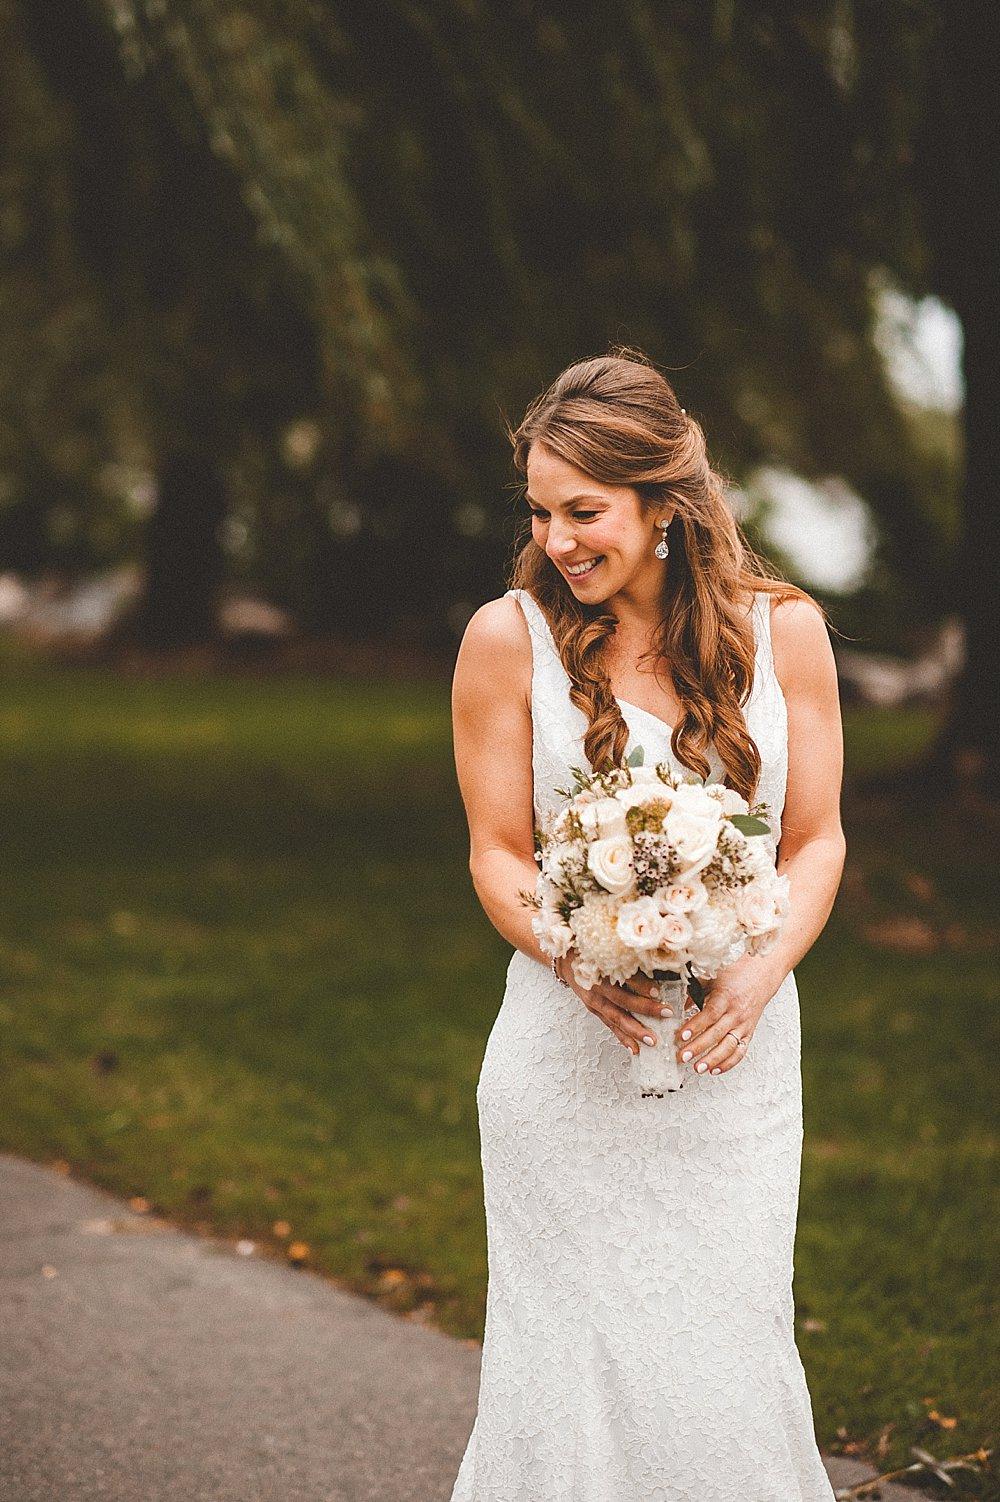 Viva Love Philadelphia Wedding Photographer_0498.jpg